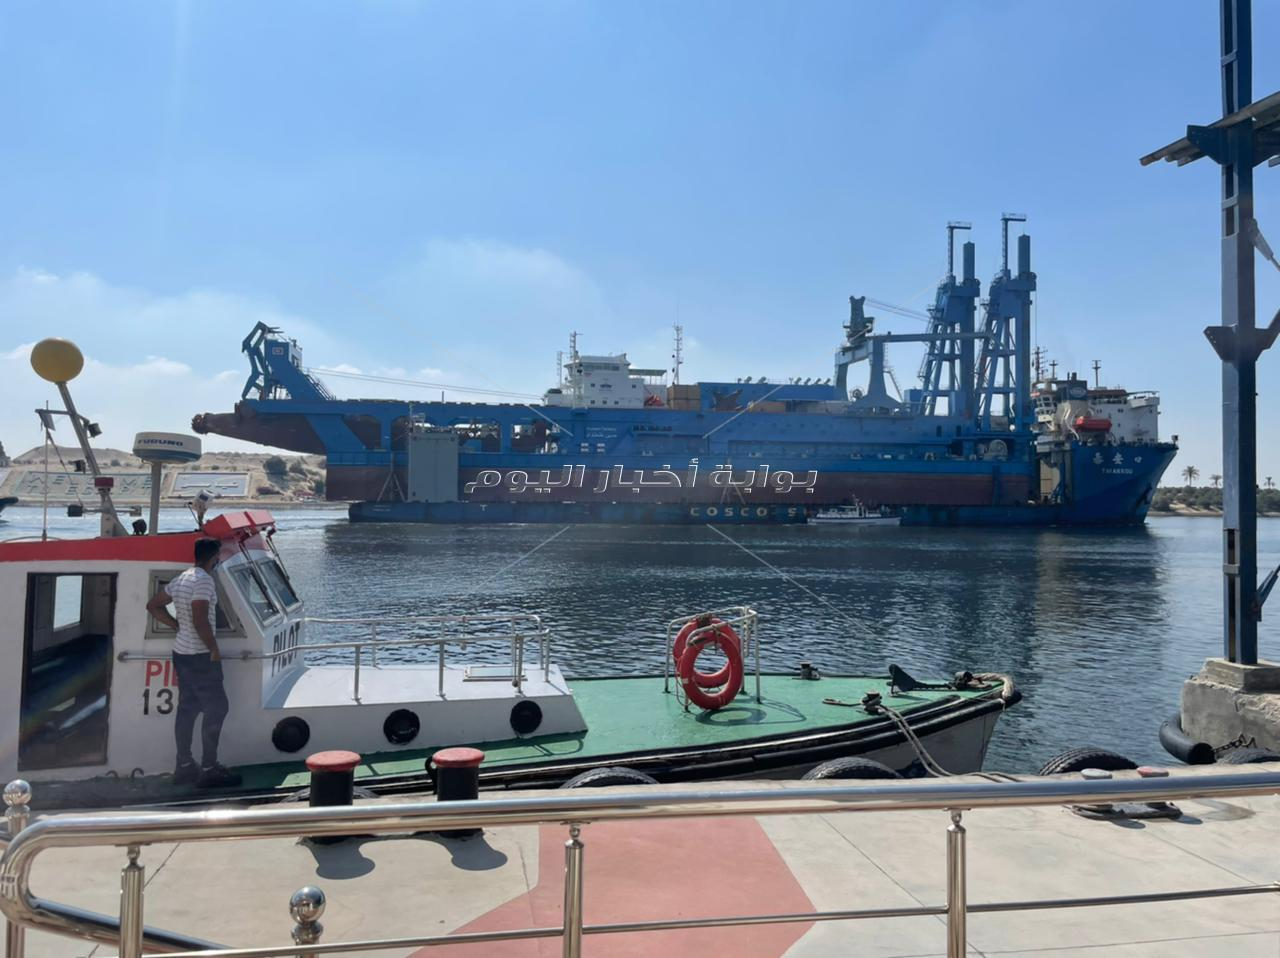 عبور الكراكة حسين طنطاوي بقناة السويس ضمن قافلة الشمال